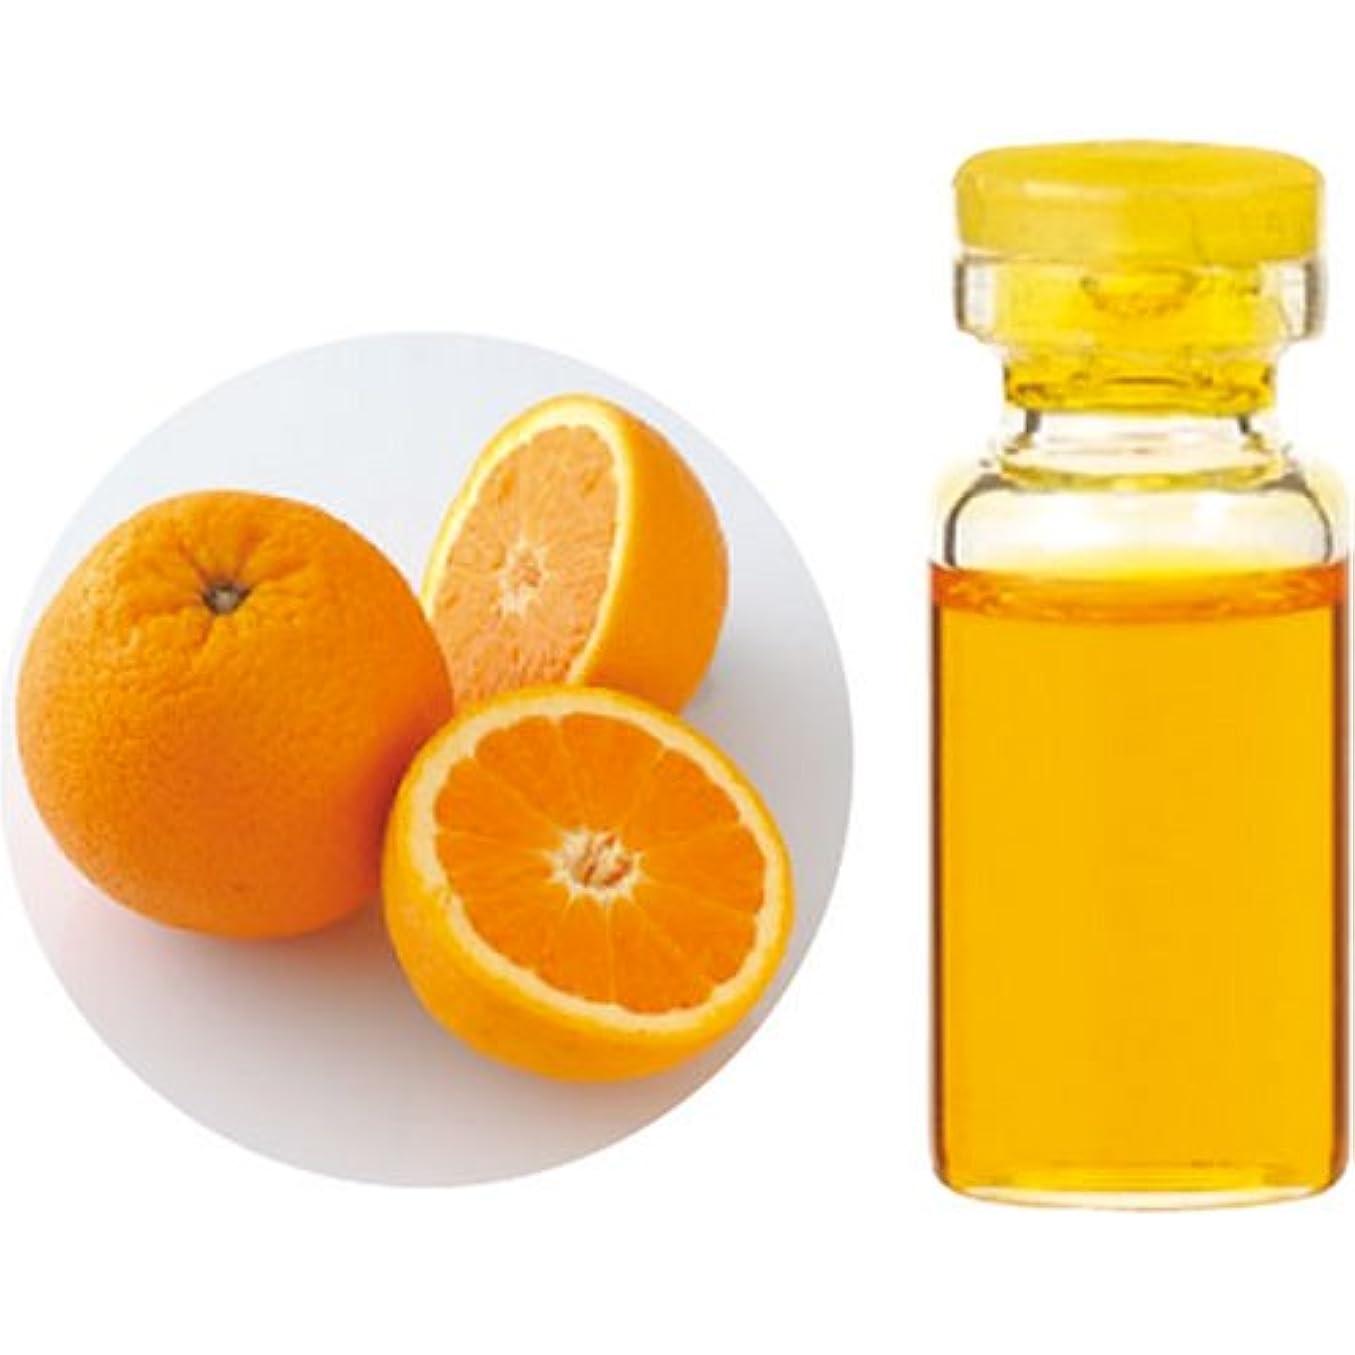 厚さセンサー梨HerbalLife スィートオレンジ 10ml